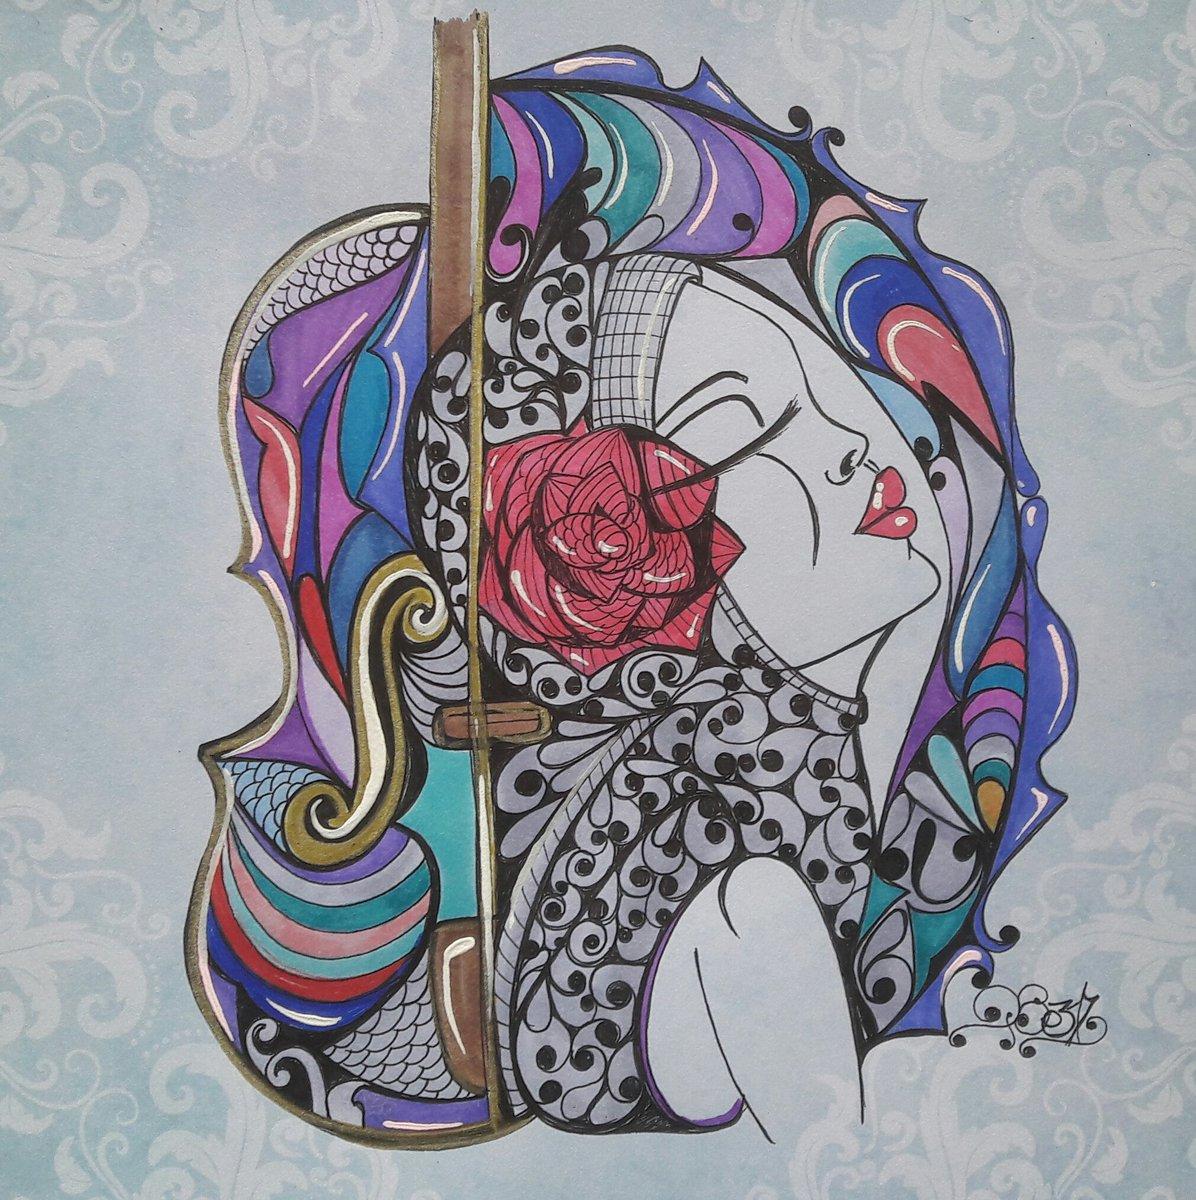 Petite nana du jour  Carton à dessin feutre et bic  #nana #illustration #dessin #popart #violon <br>http://pic.twitter.com/fKfQAob2kw